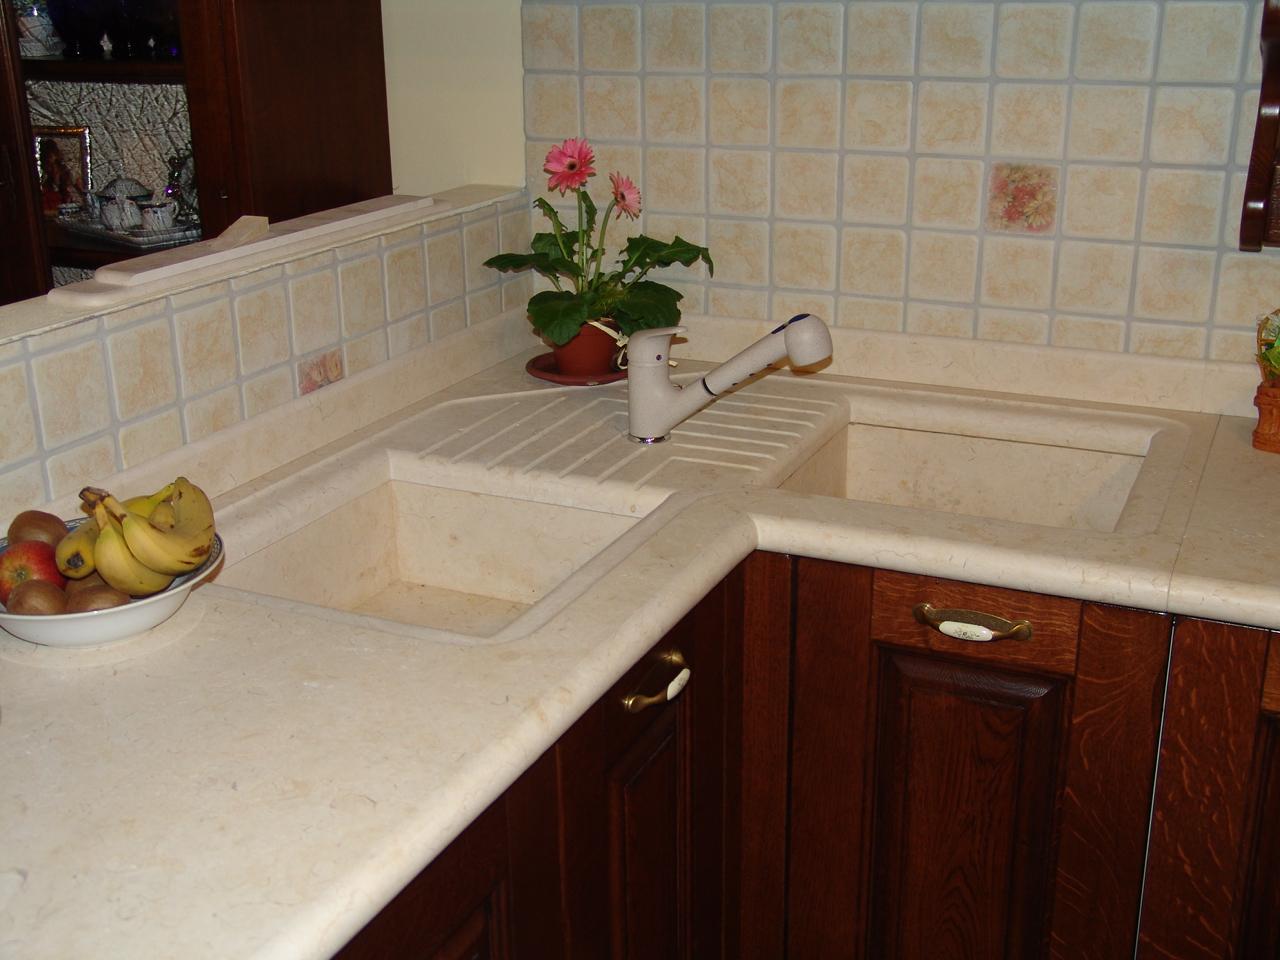 Foto di marmo e granito di qualita extra della zem marmi a prezzi molto bassi di vendita - Marmo in cucina ...